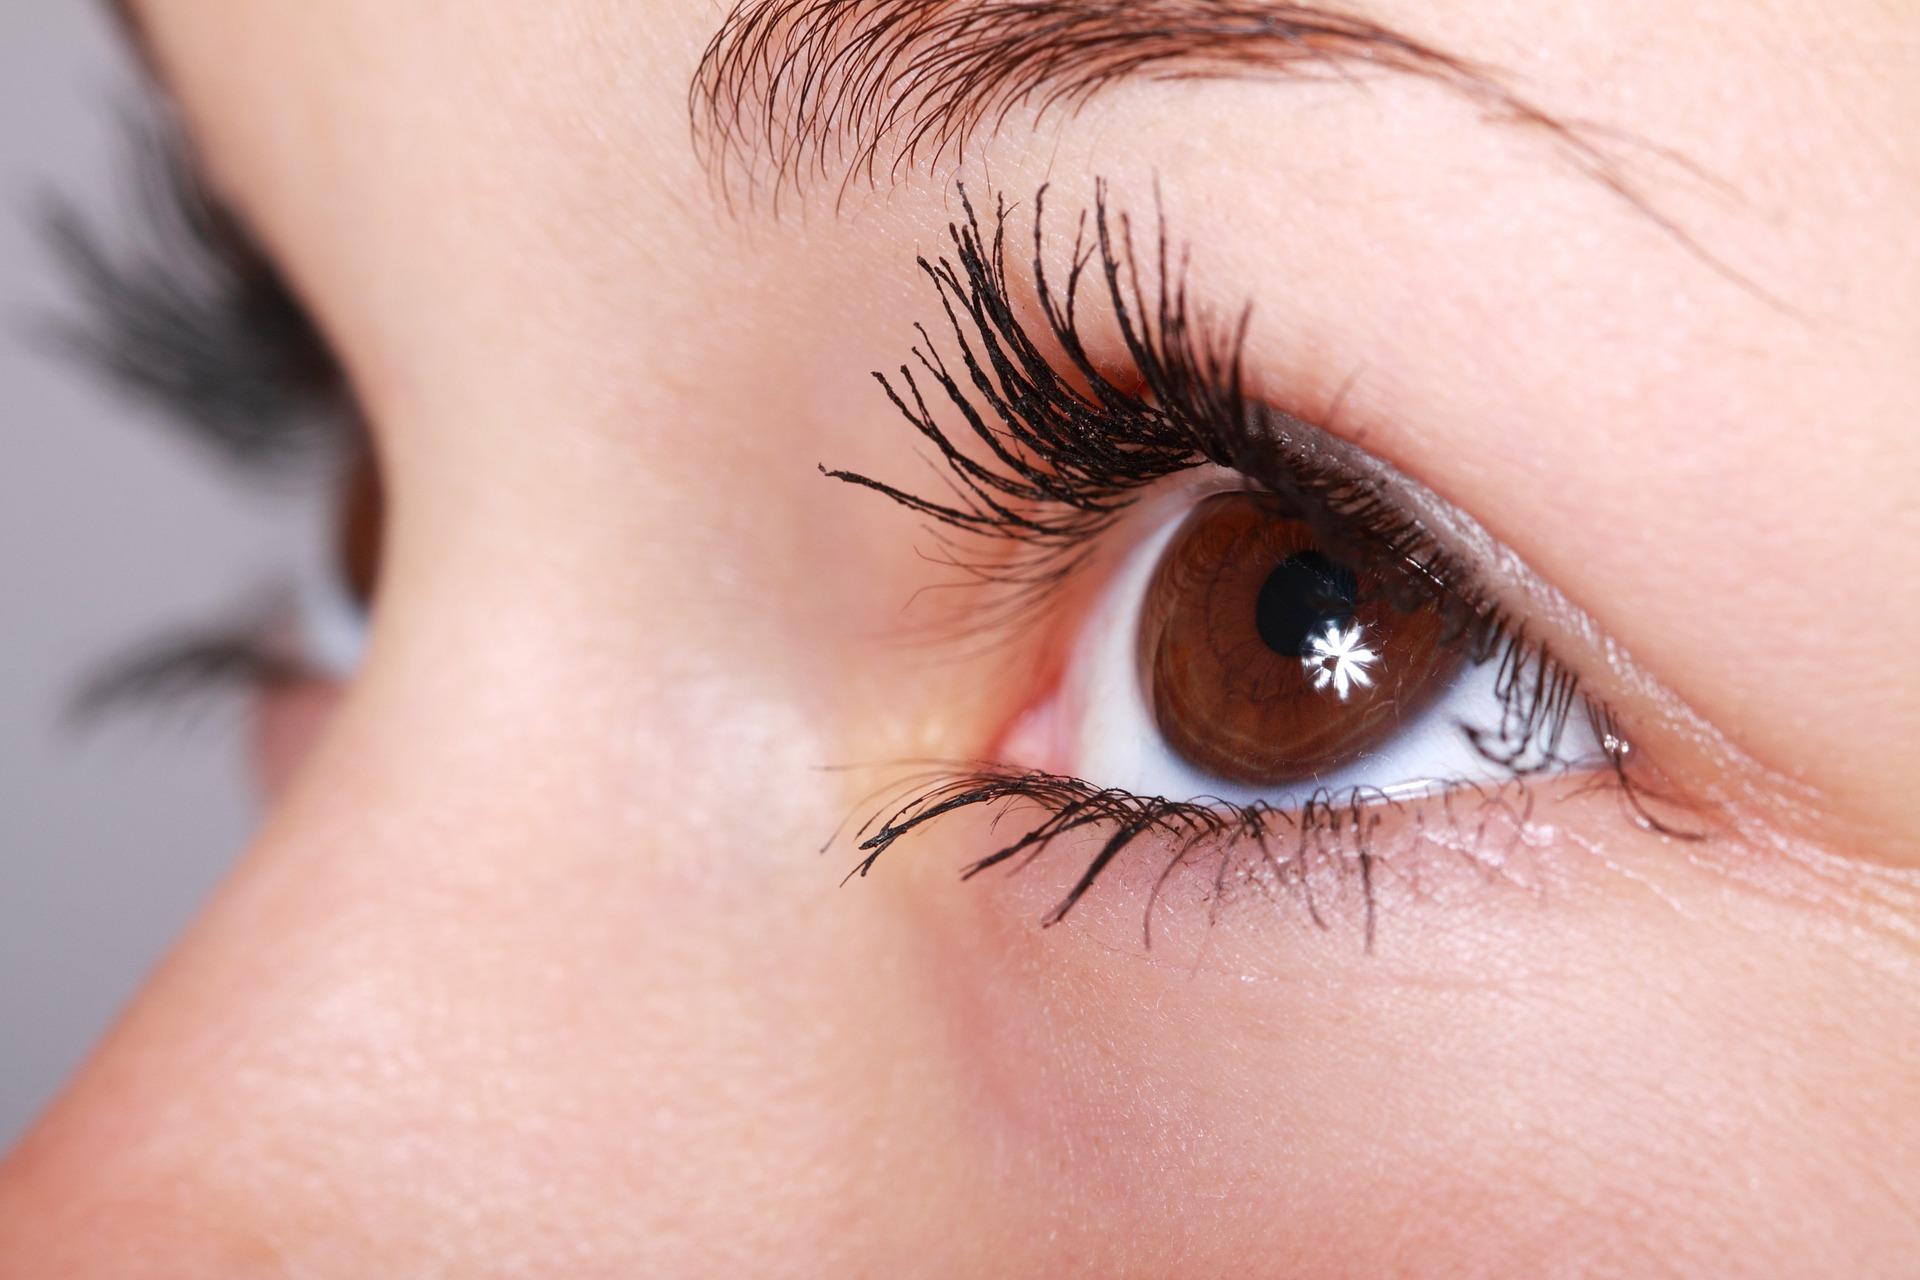 proteggere gli occhi